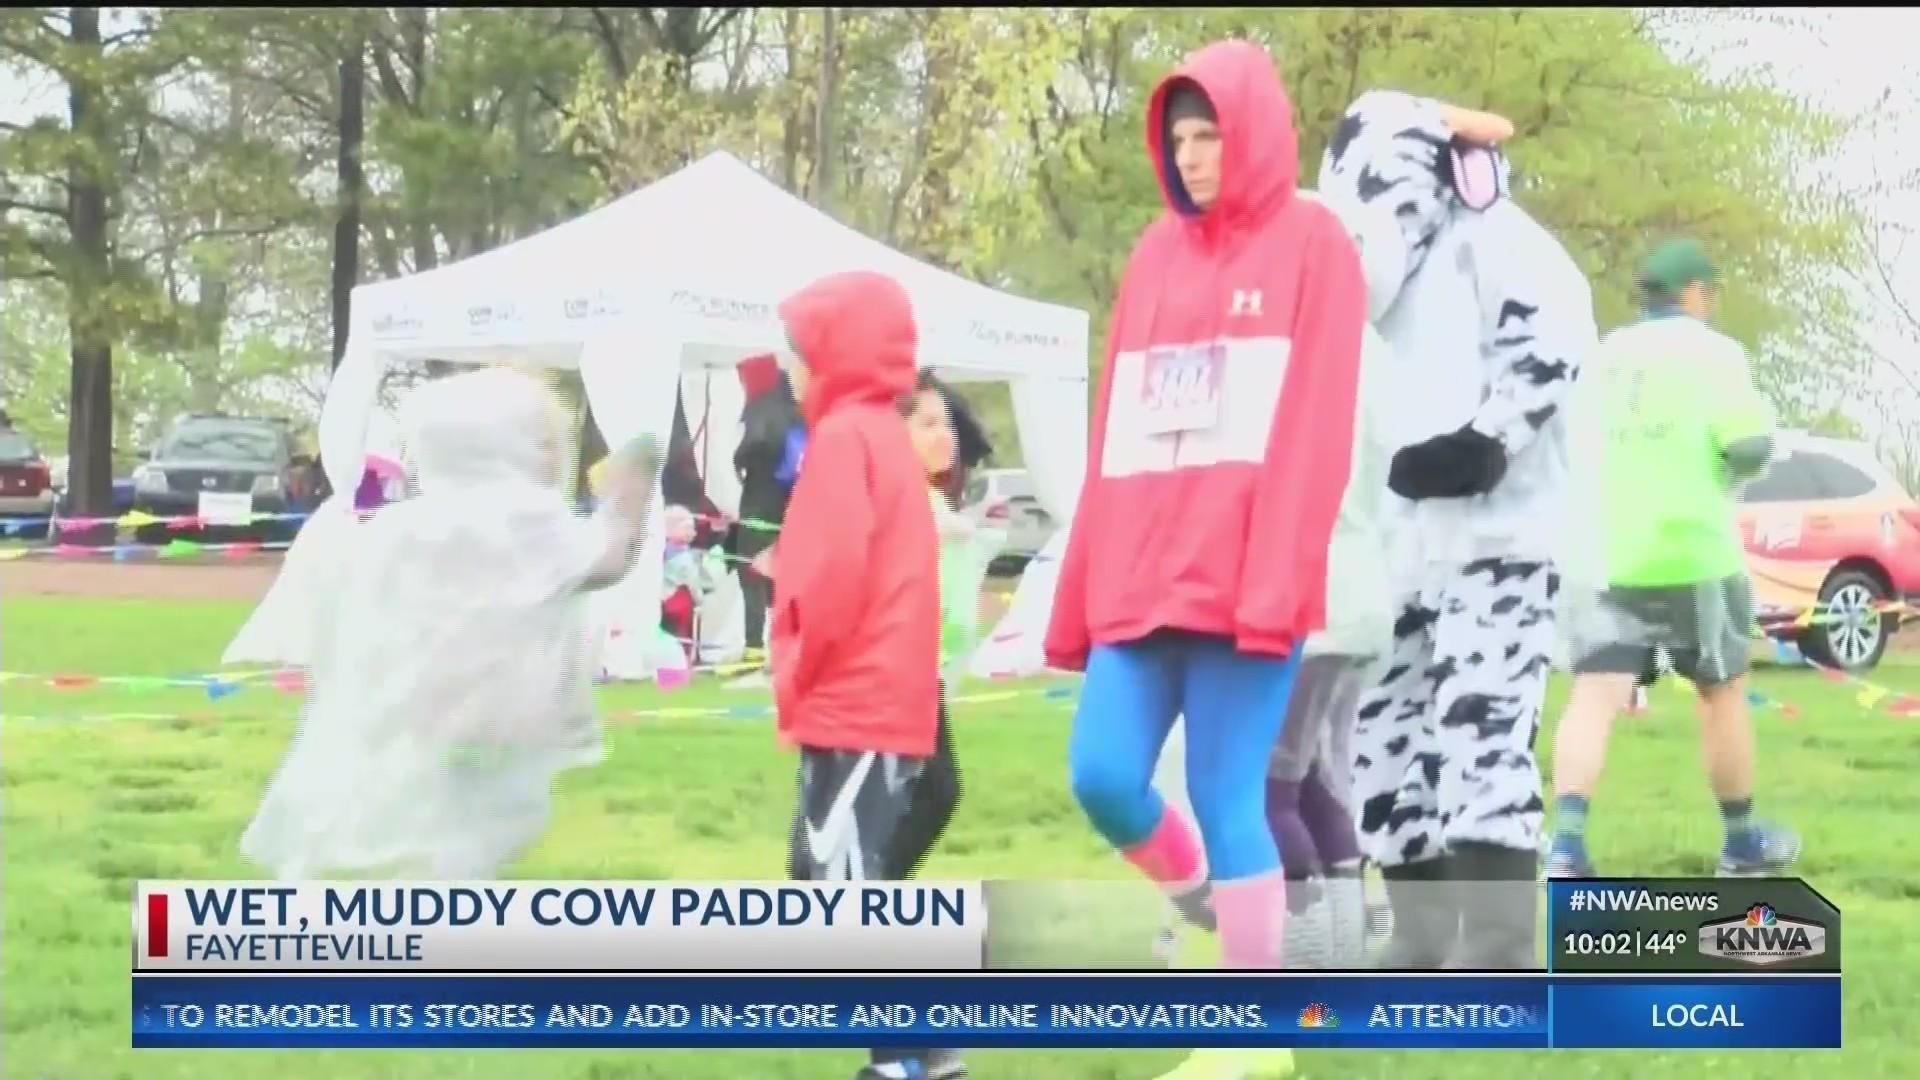 Cow_Paddy_Run_Fun_0_20190414031255